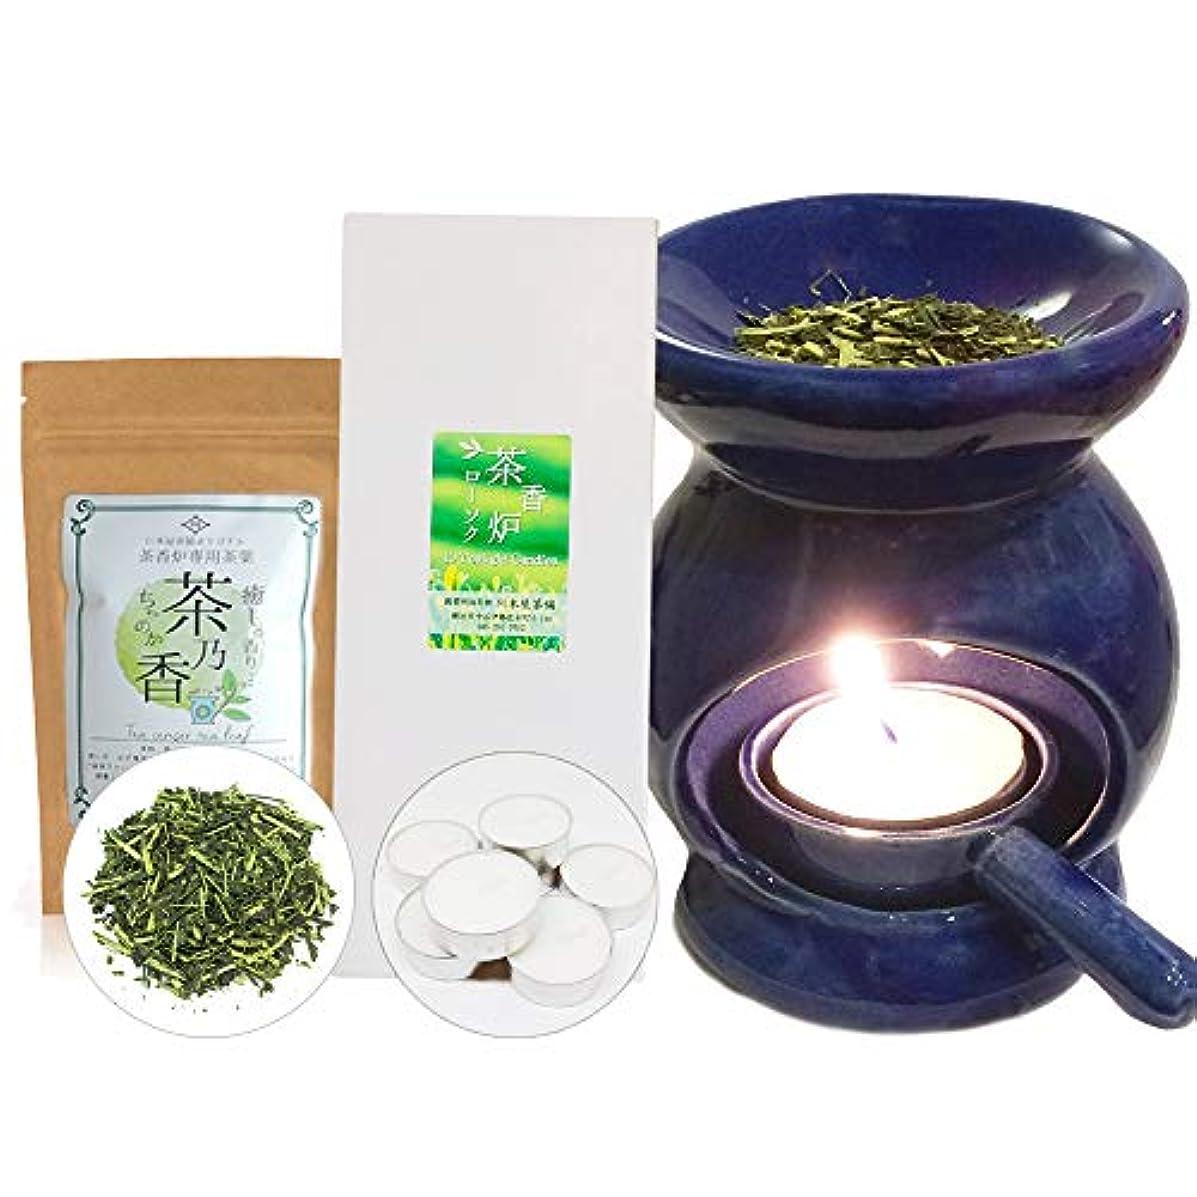 エジプト人ねばねば腐食する川本屋茶舗 はじめての茶香炉セット (茶香炉専用茶葉?ローソク付) 届いてすぐ始められる?